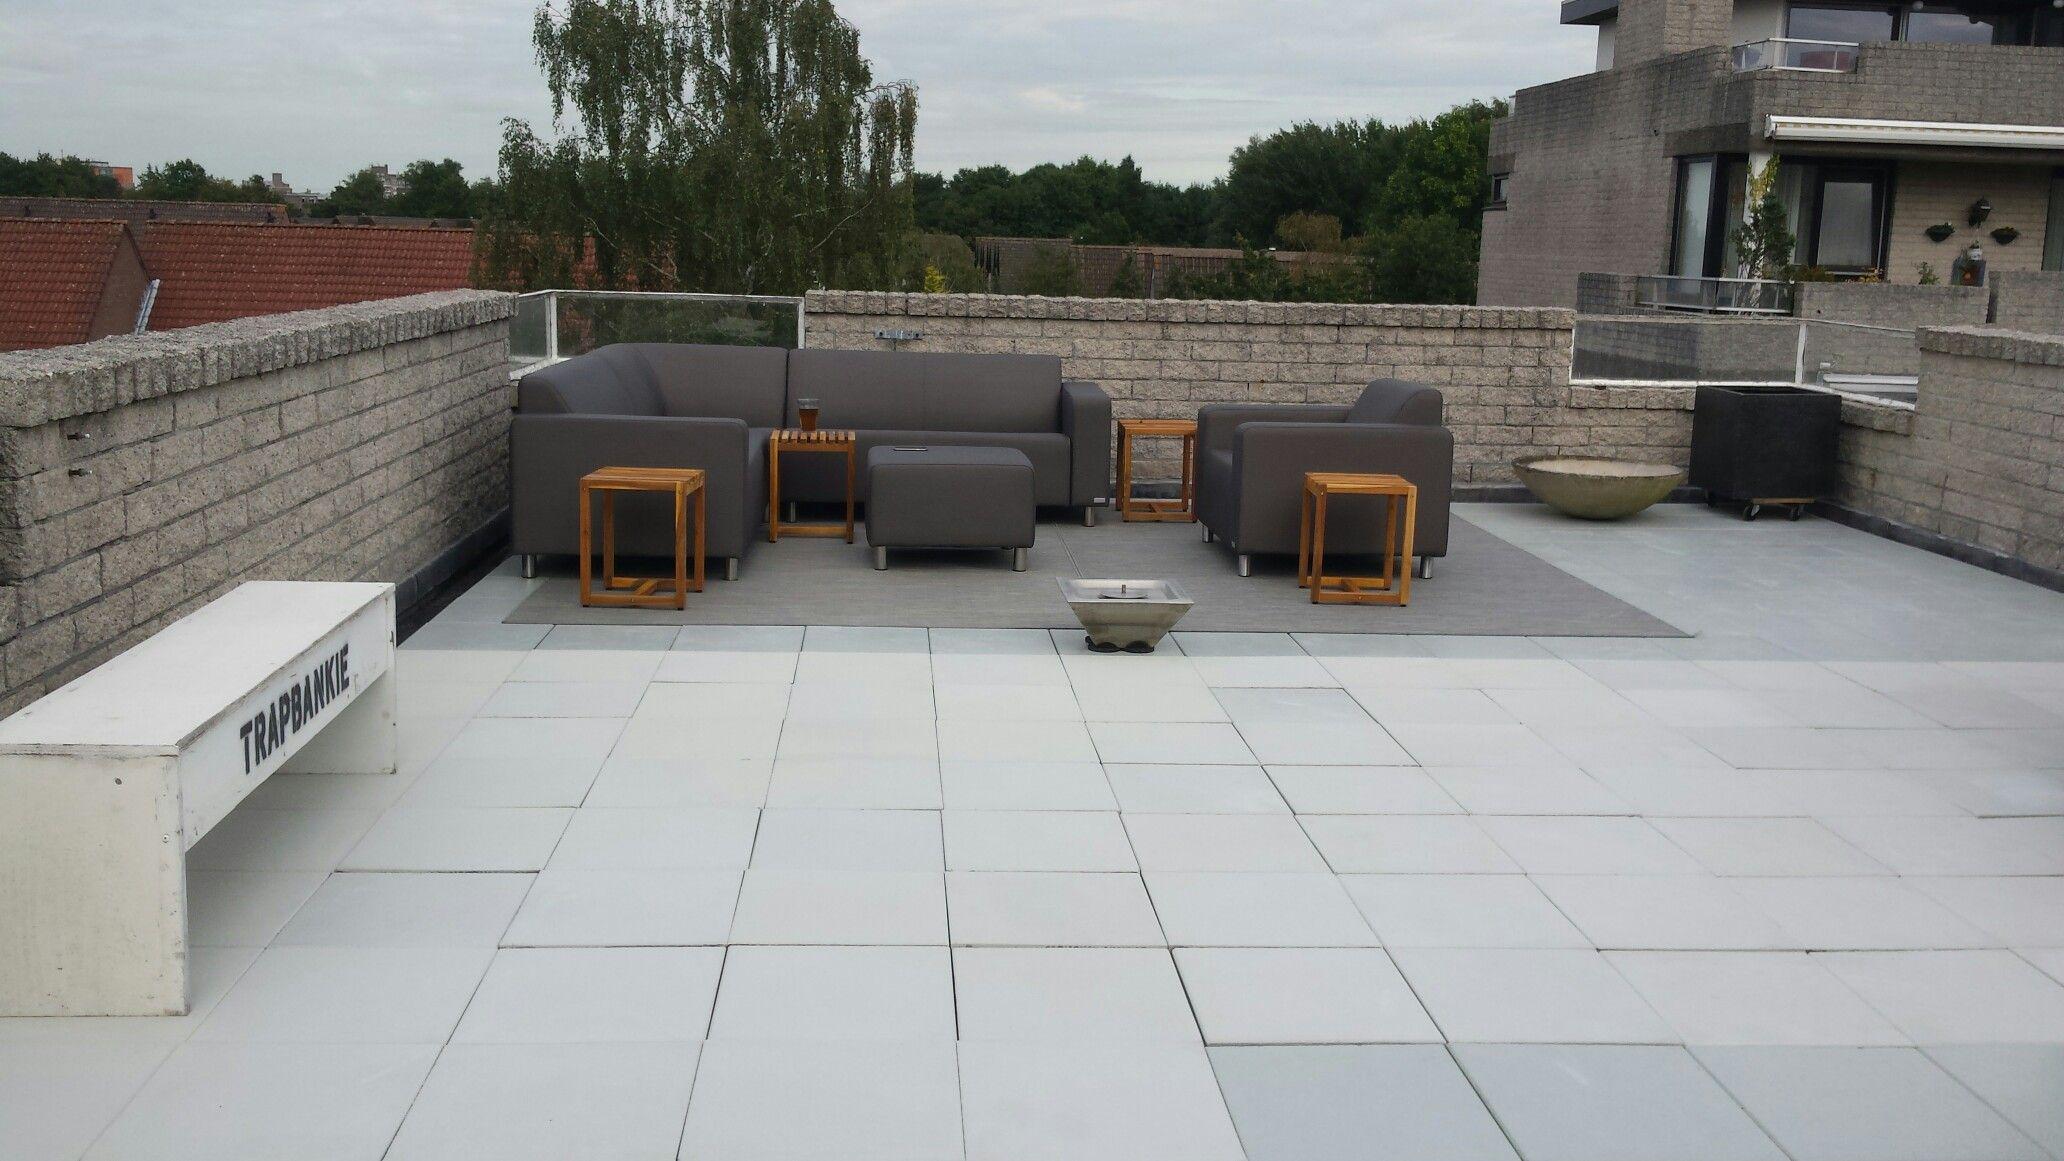 Roof garden dakterras all weather loungeset met buiten tapijten